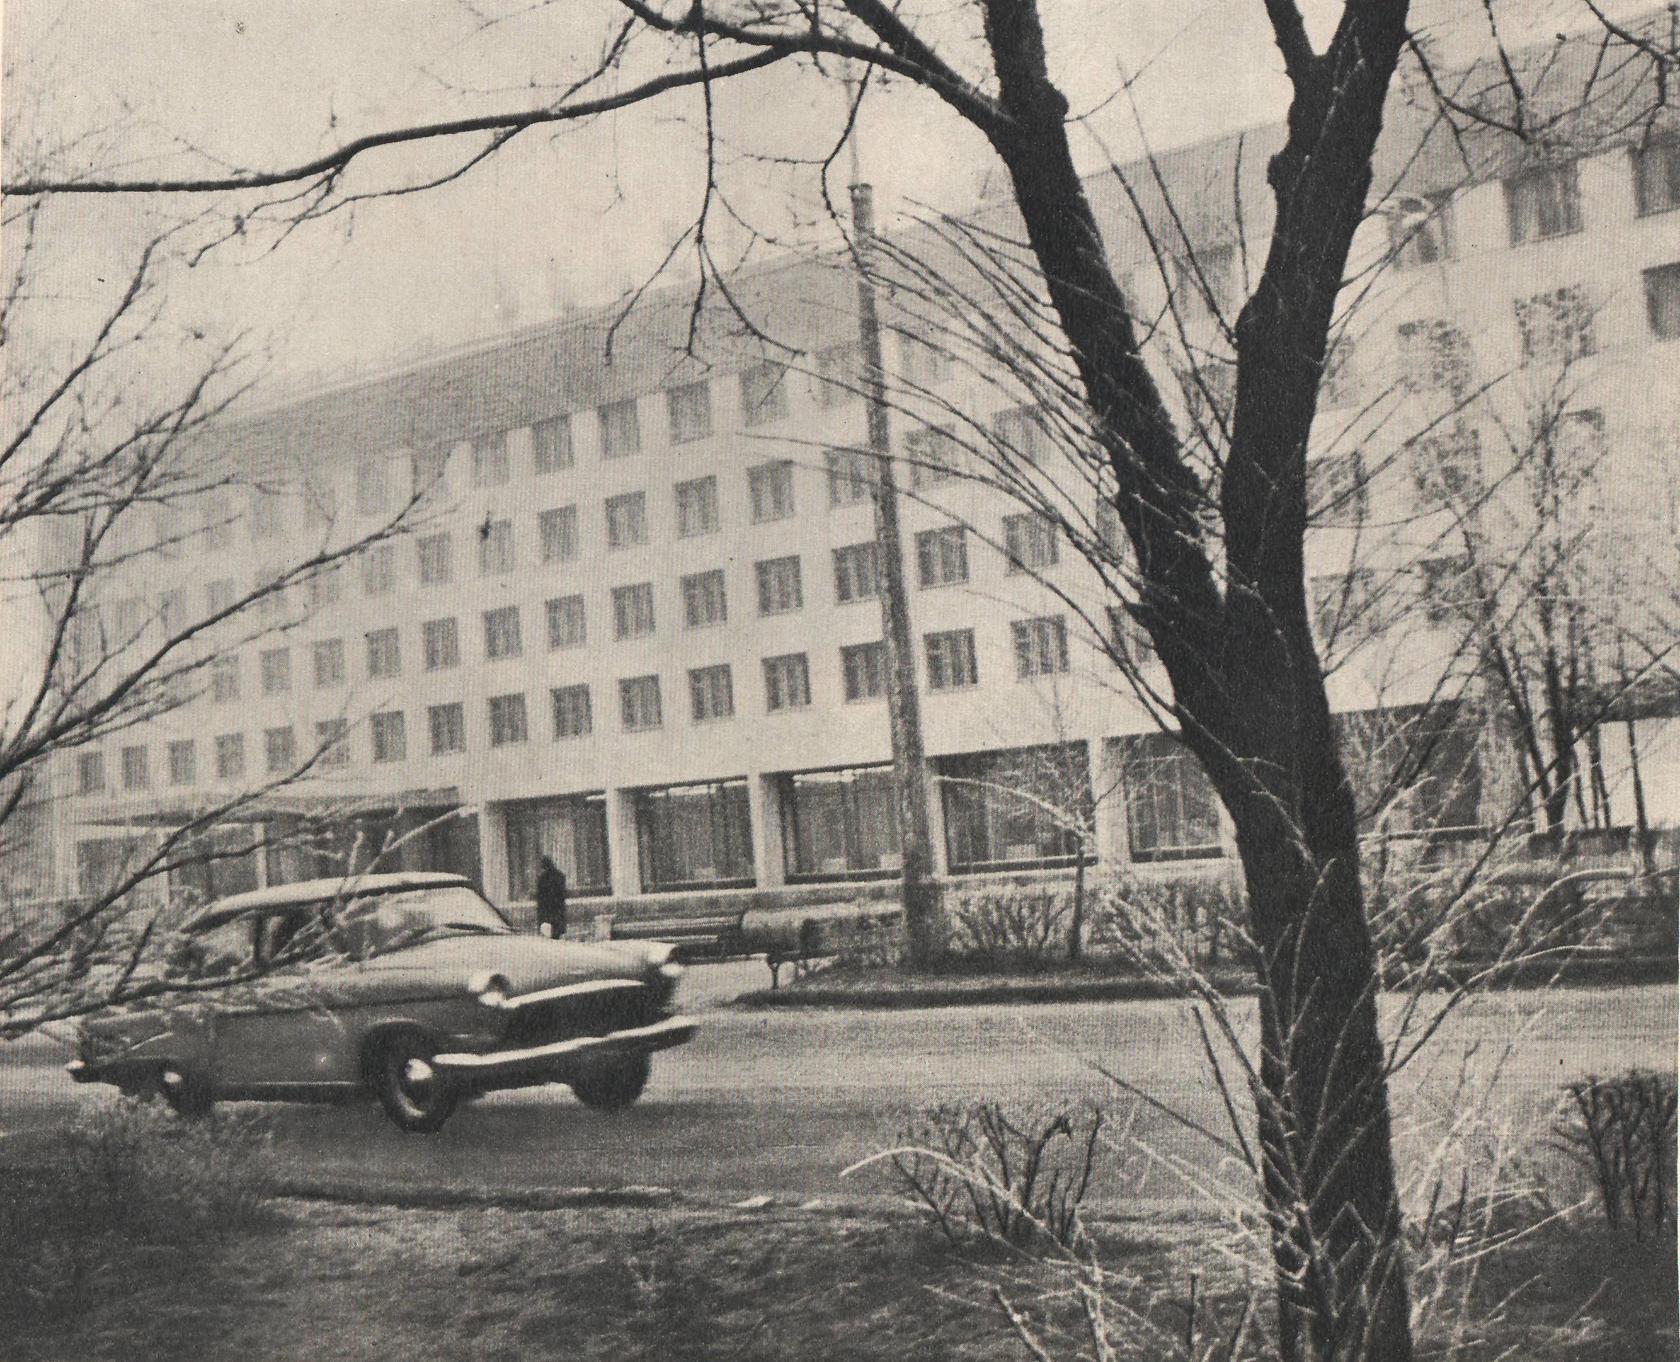 Гостиница «Россия». 1970 год